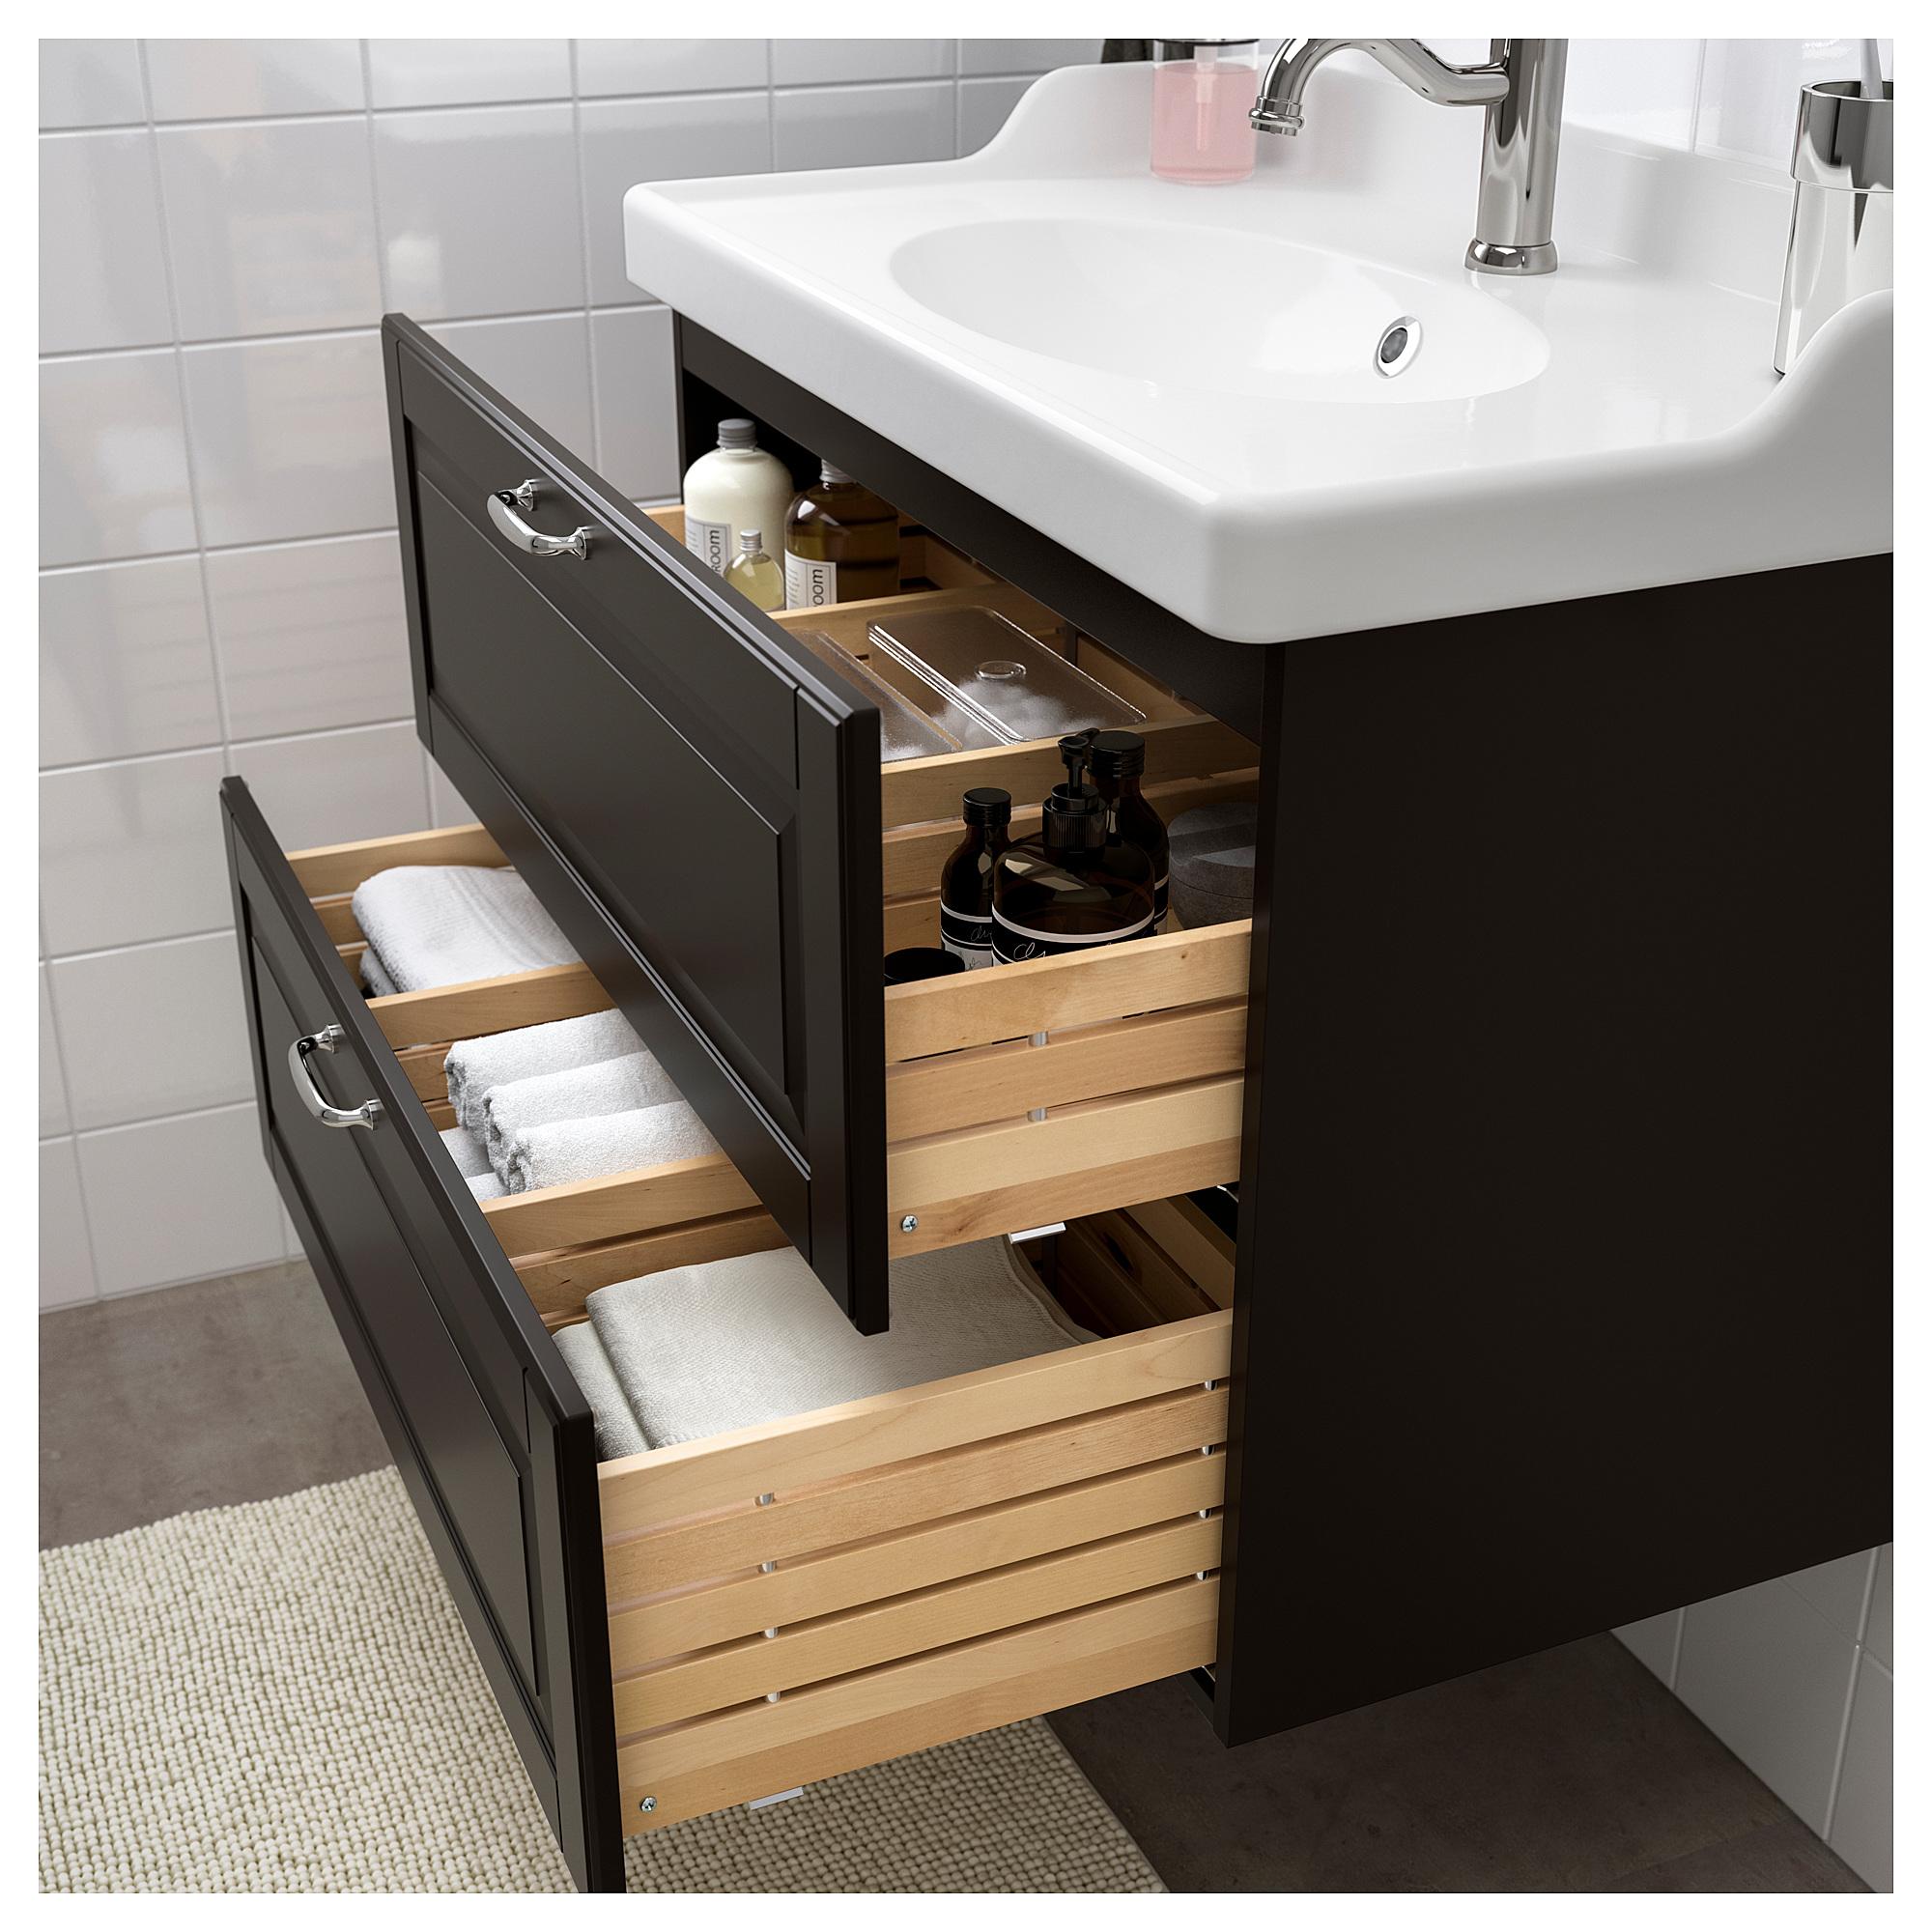 Шкаф для раковины с 2 ящиками ГОДМОРГОН / РЭТТВИКЕН темно-серый артикуль № 392.469.68 в наличии. Онлайн сайт IKEA Минск. Быстрая доставка и установка.